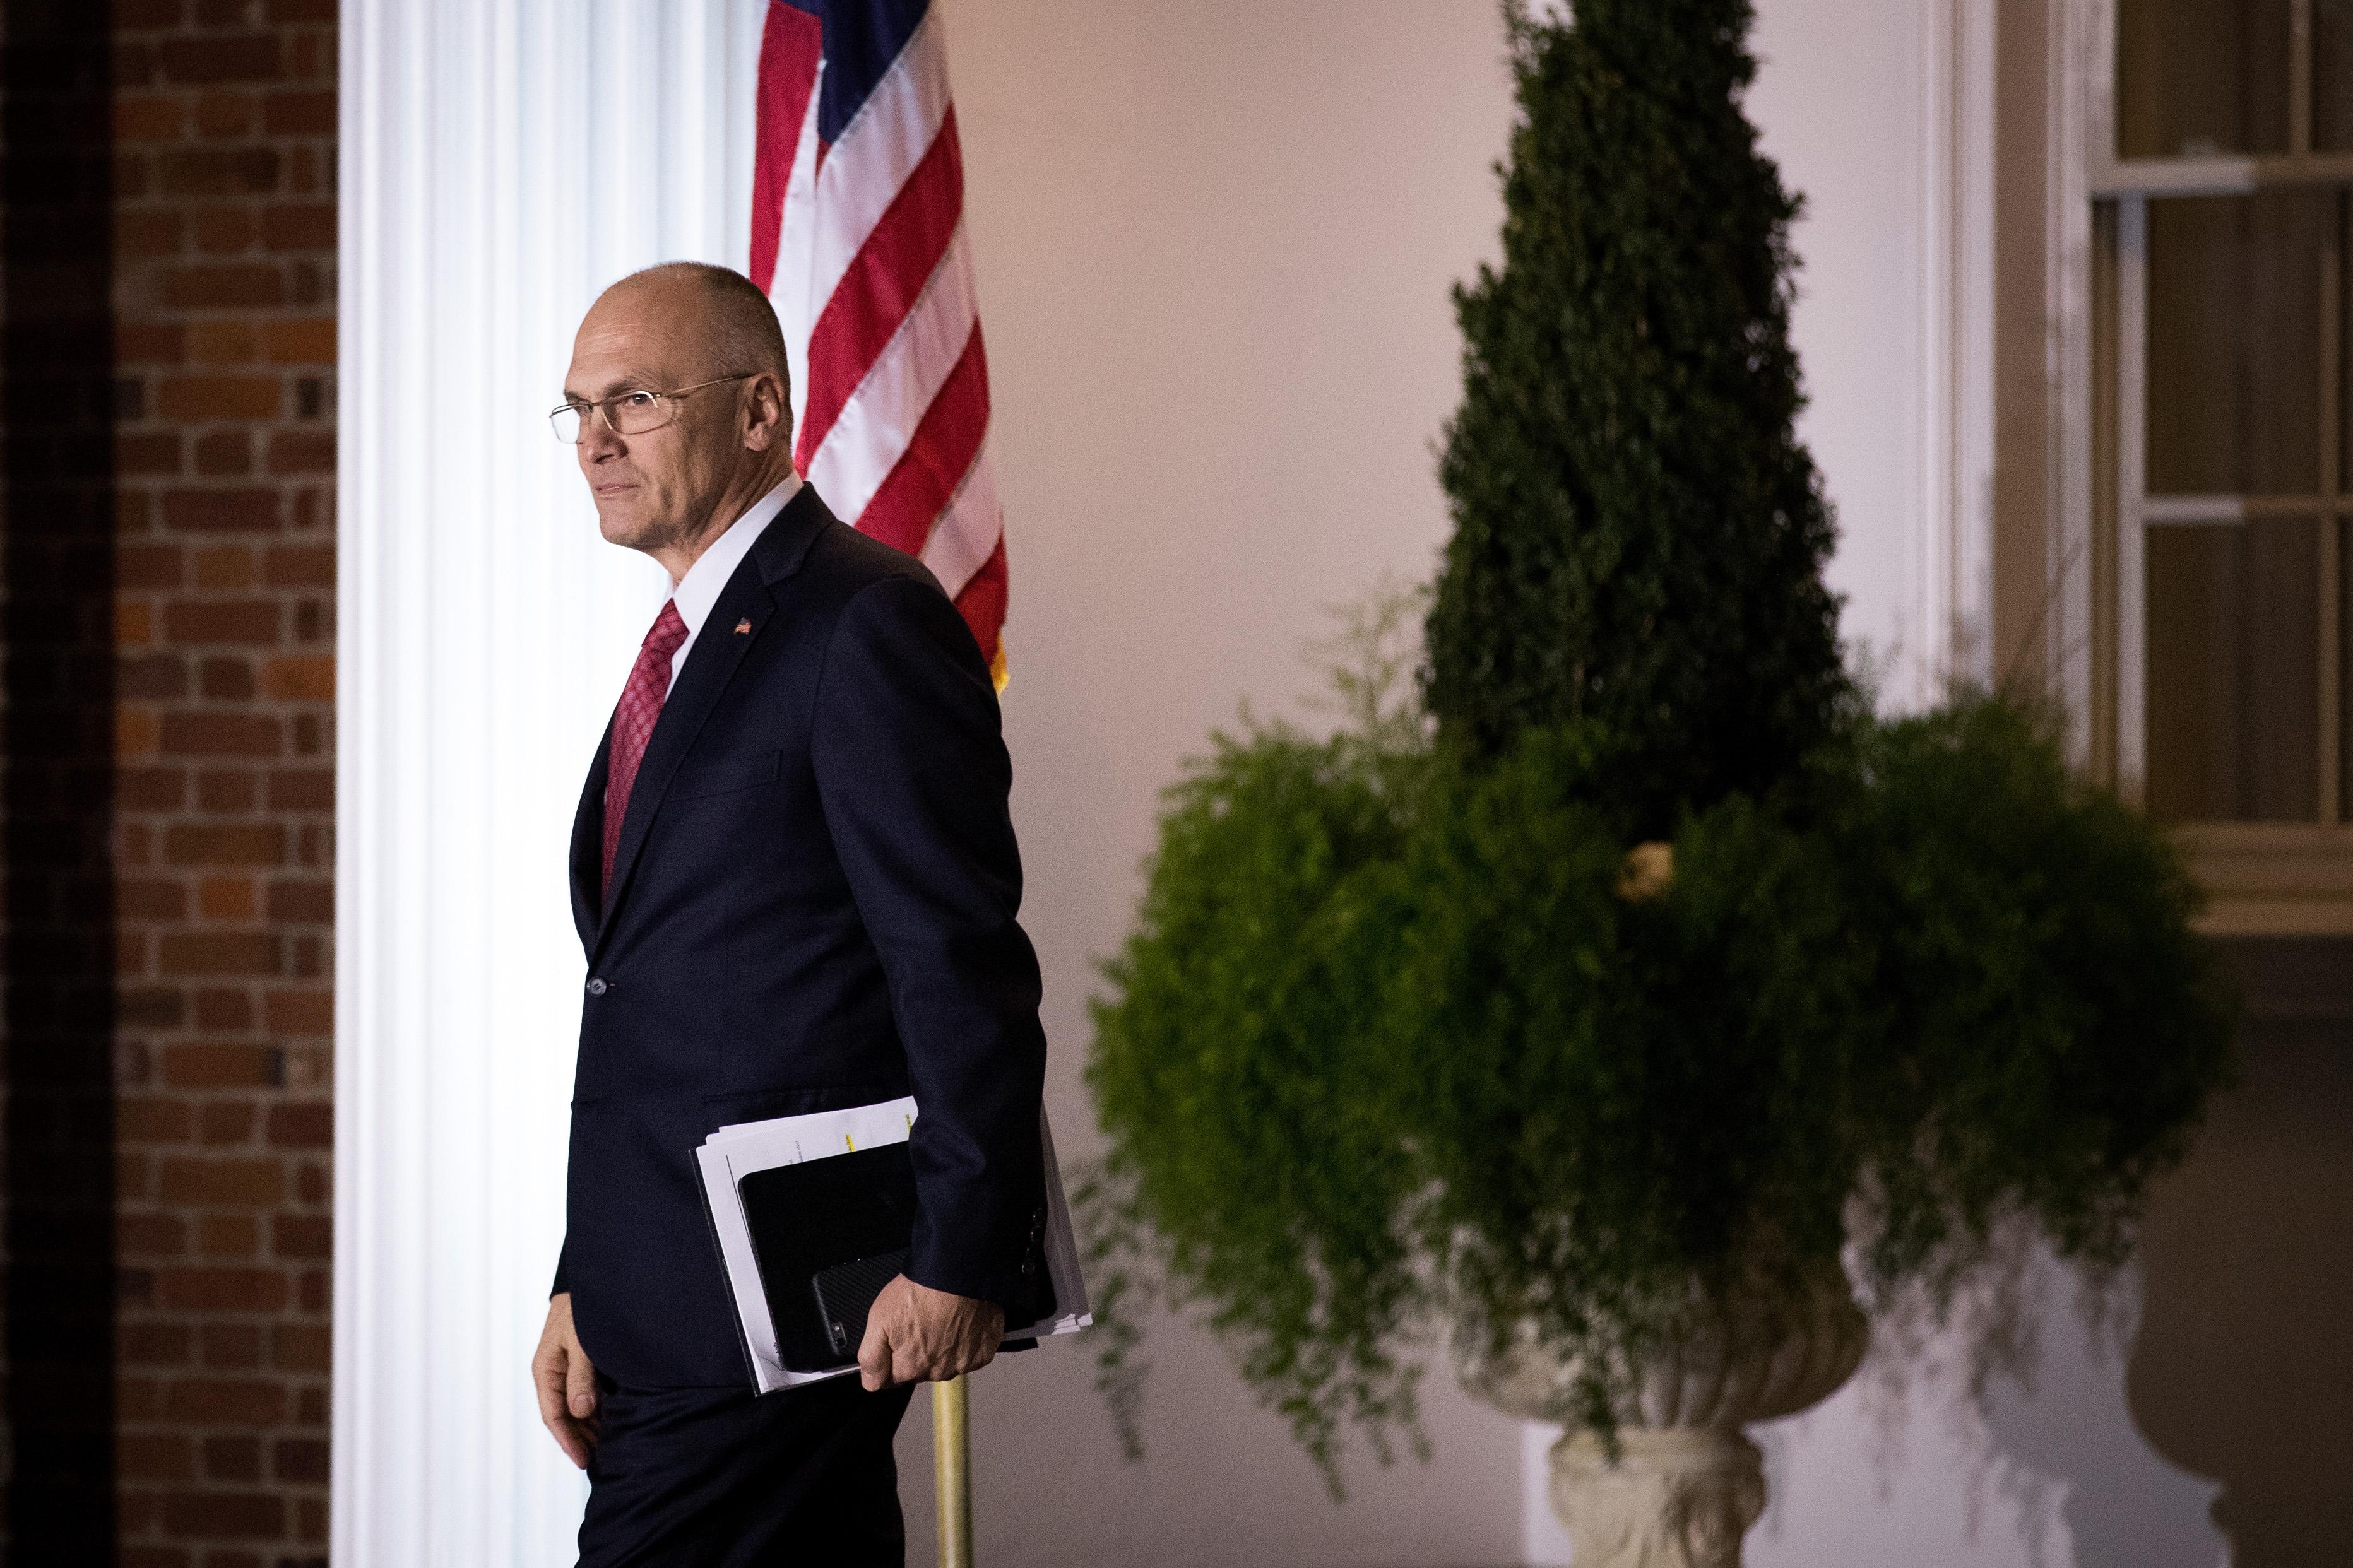 Эндрю Пуздер, возможно, станет новым министром труда. Фото: usnews.com